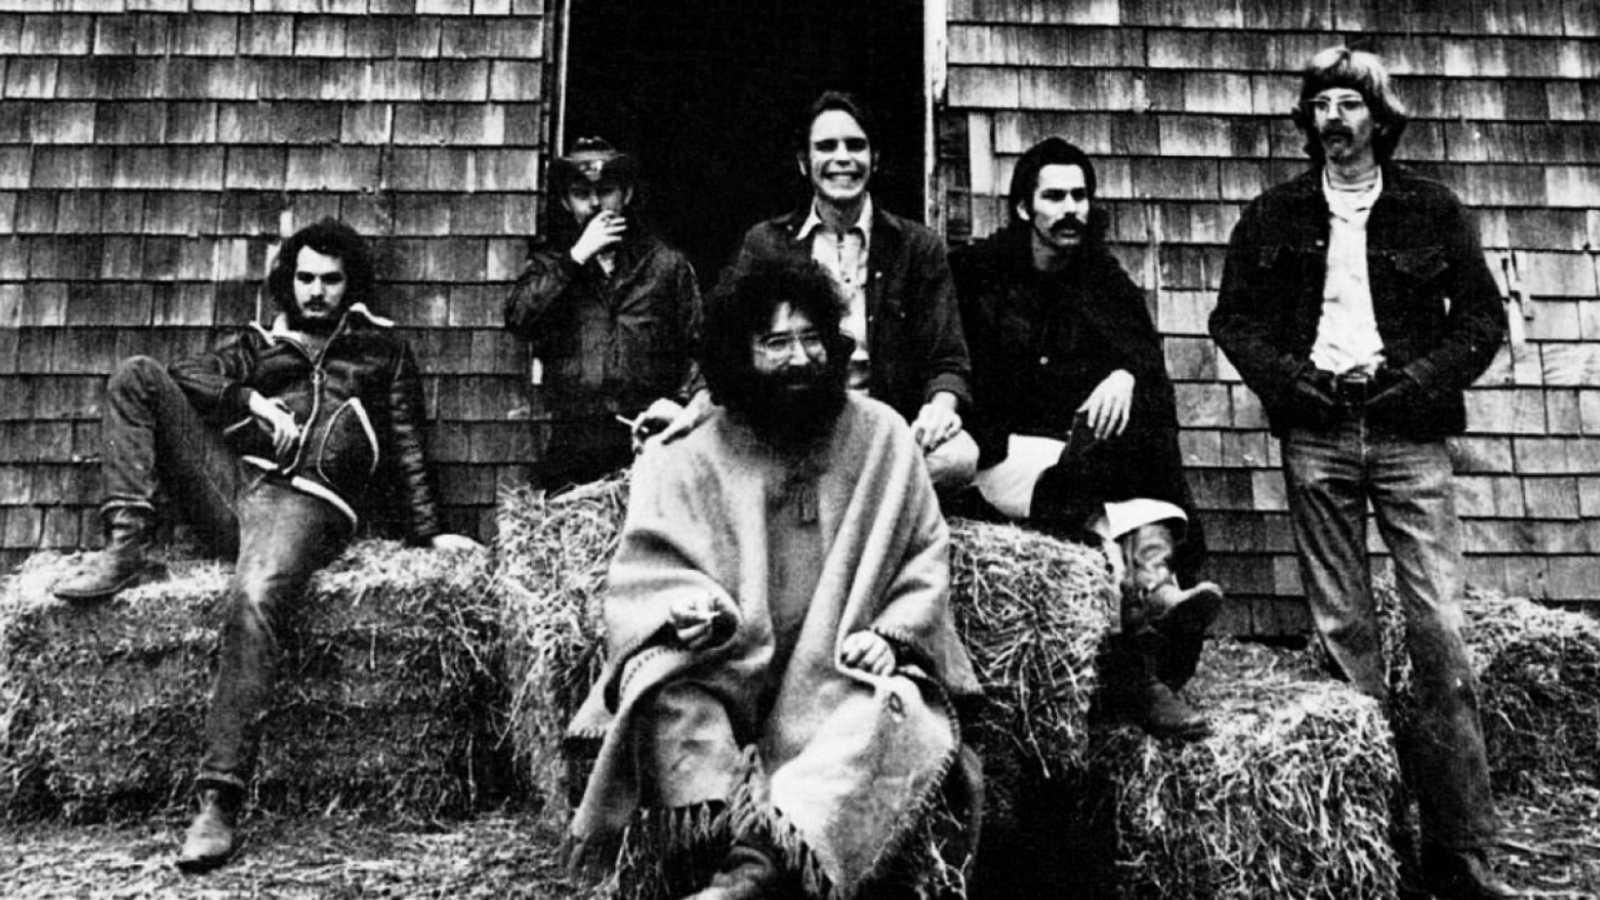 El Sótano - 50 años del 'American beauty' de Grateful Dead - 02/11/20 - escuchar ahora